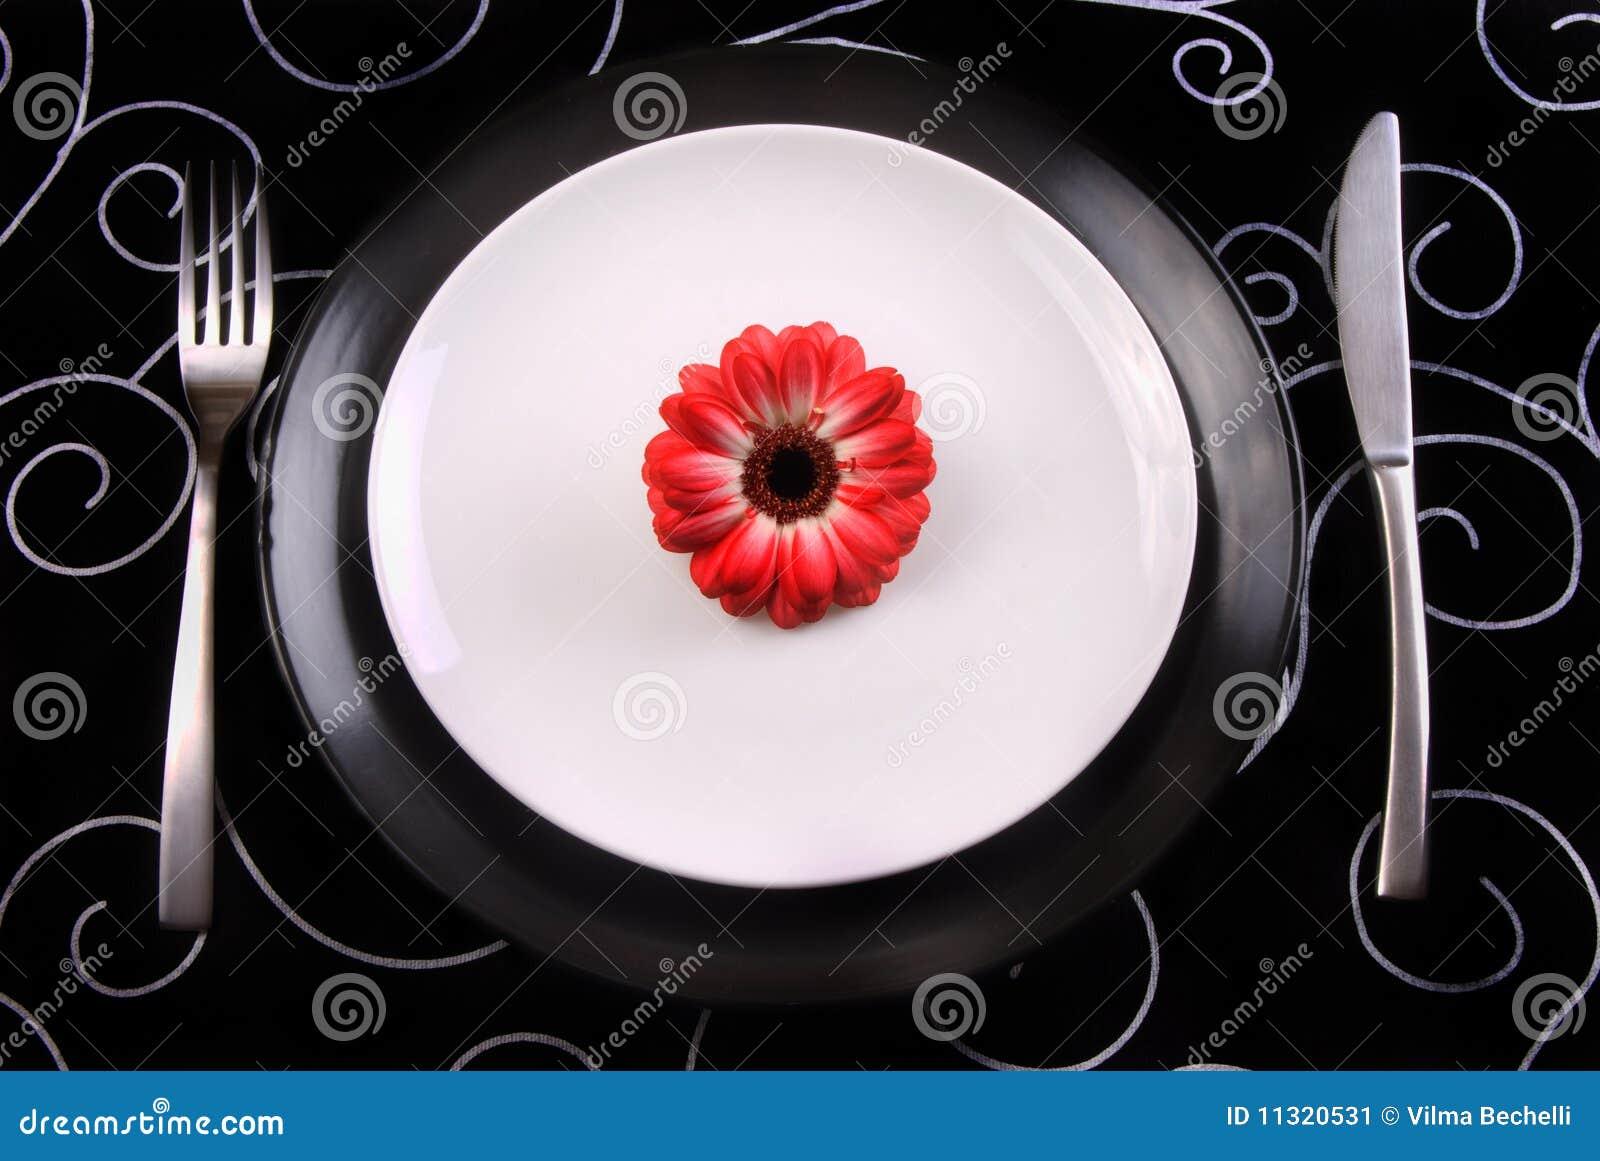 Schwarzweiss-Platten mit Gabel und Messer